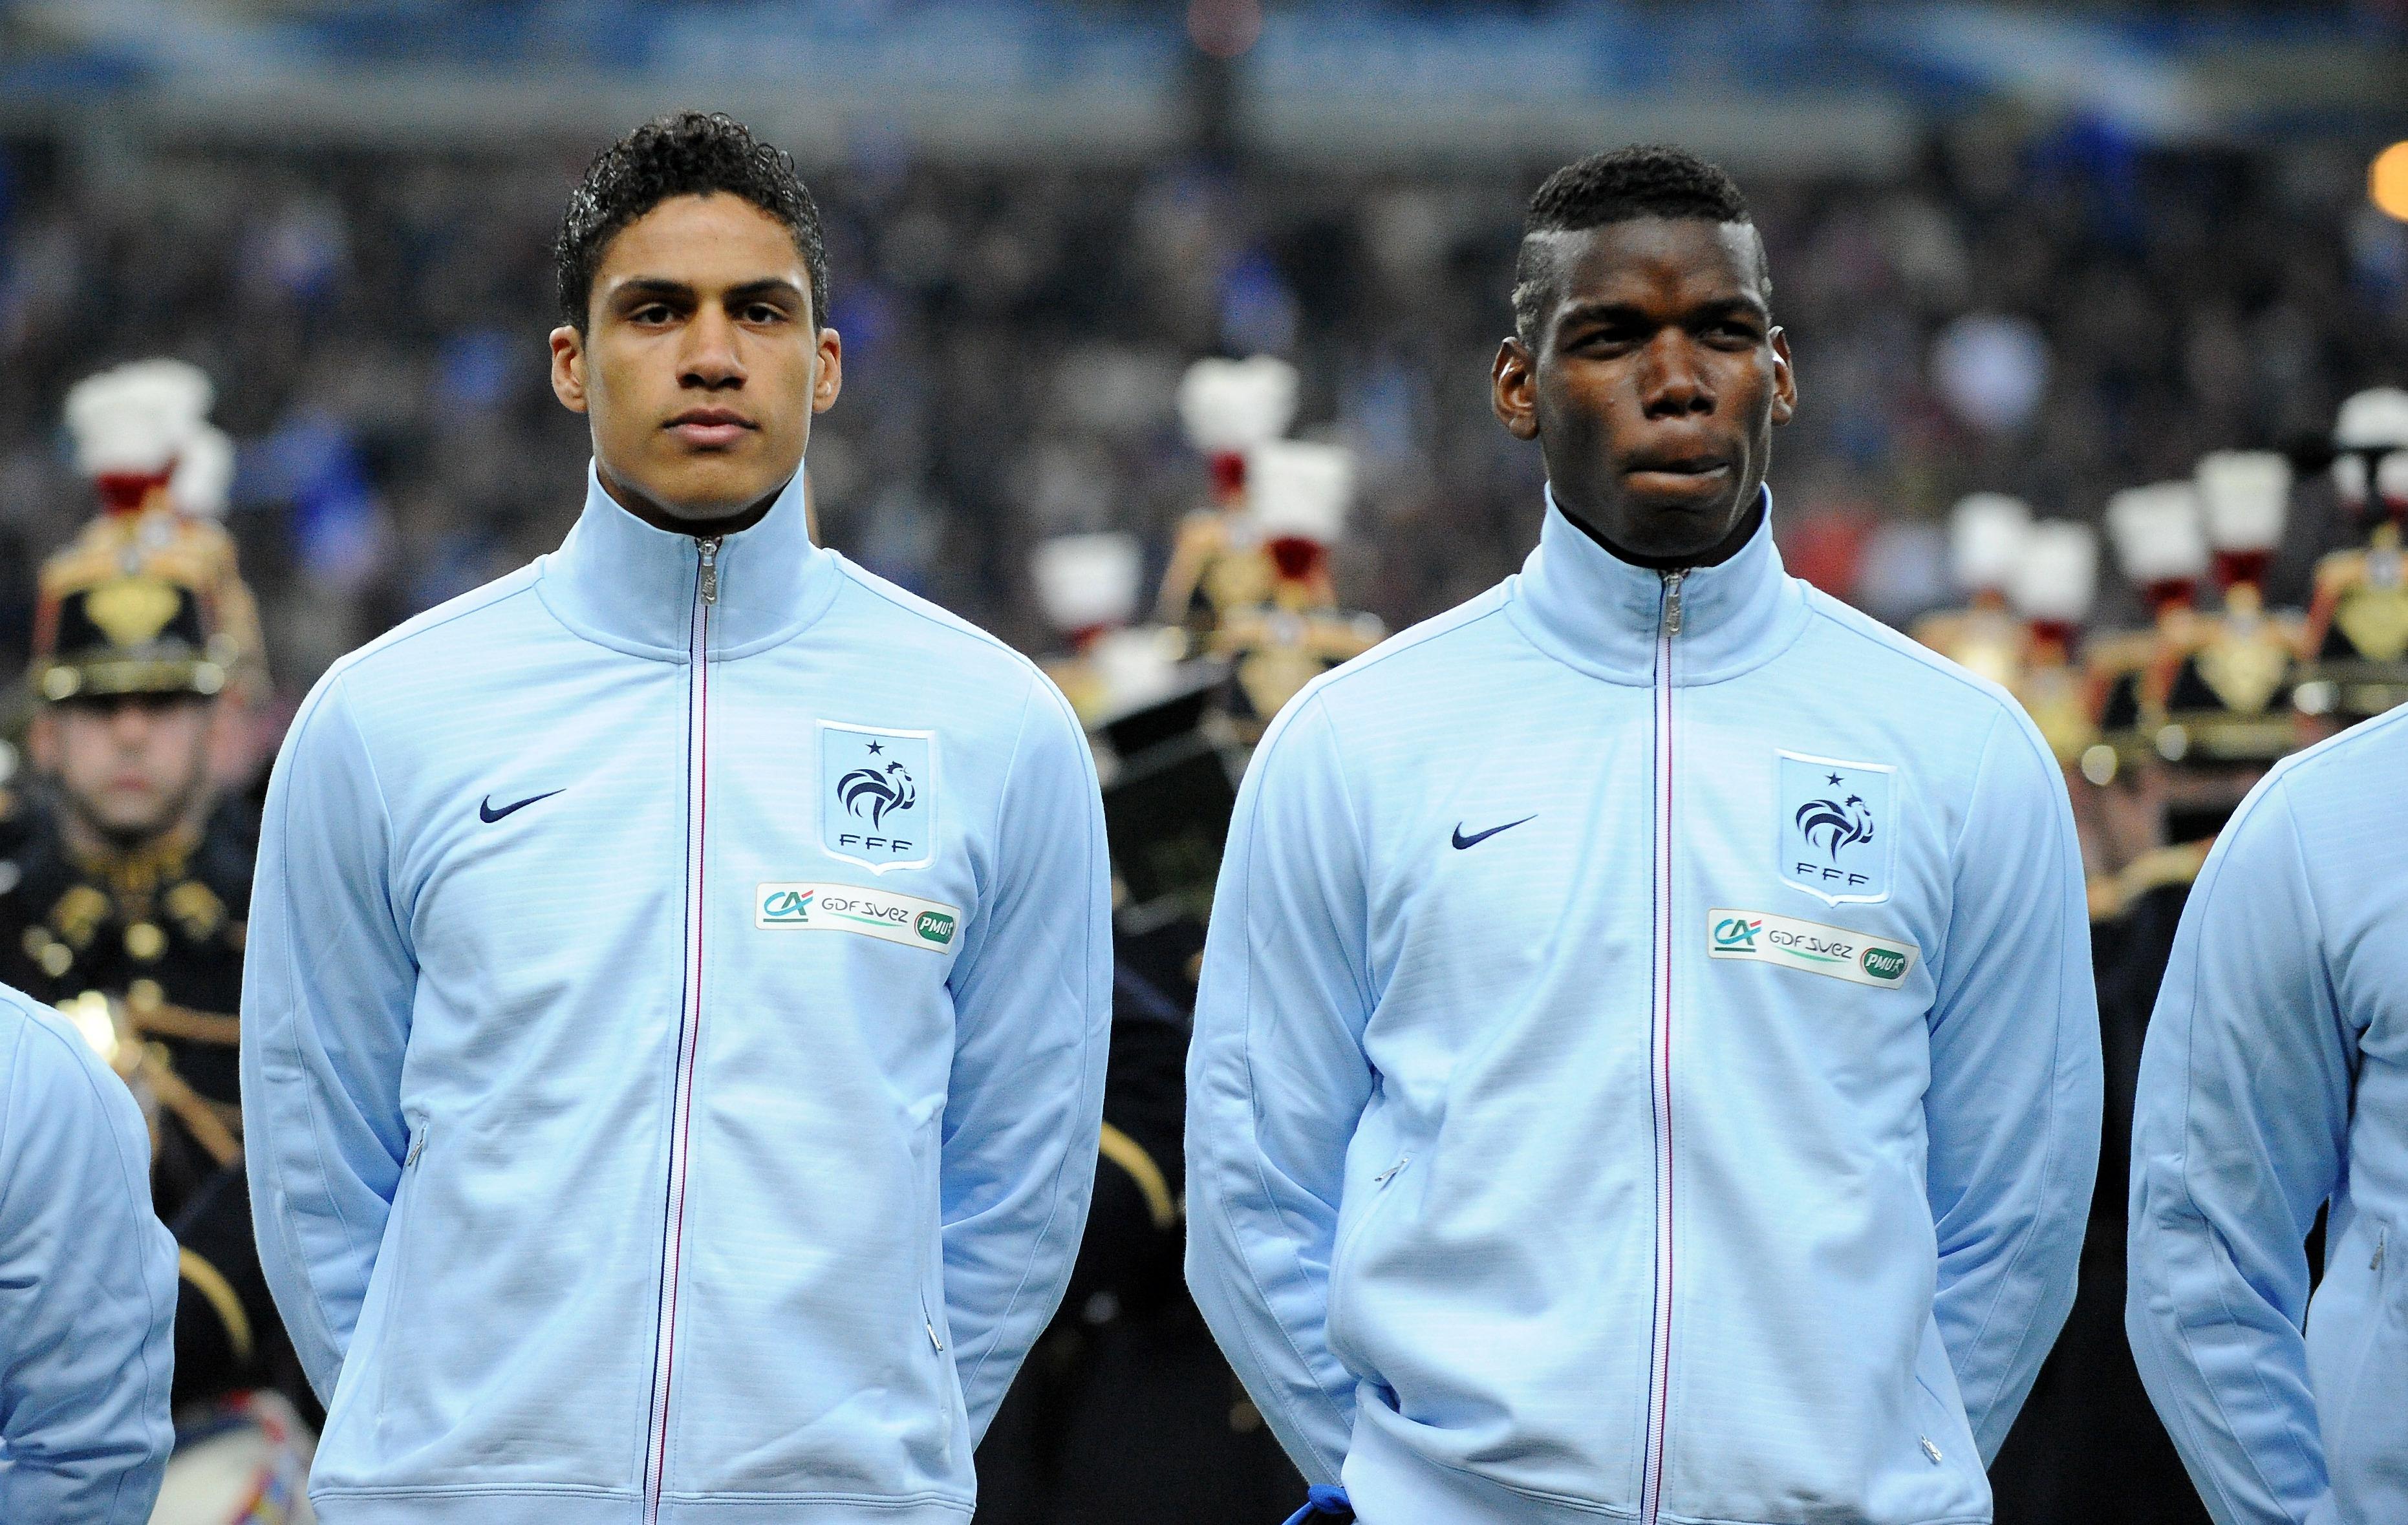 ¿Cuánto mide Raphaël Varane? - Altura - Real height Avec-Varane-Pogba-et-Koscielny